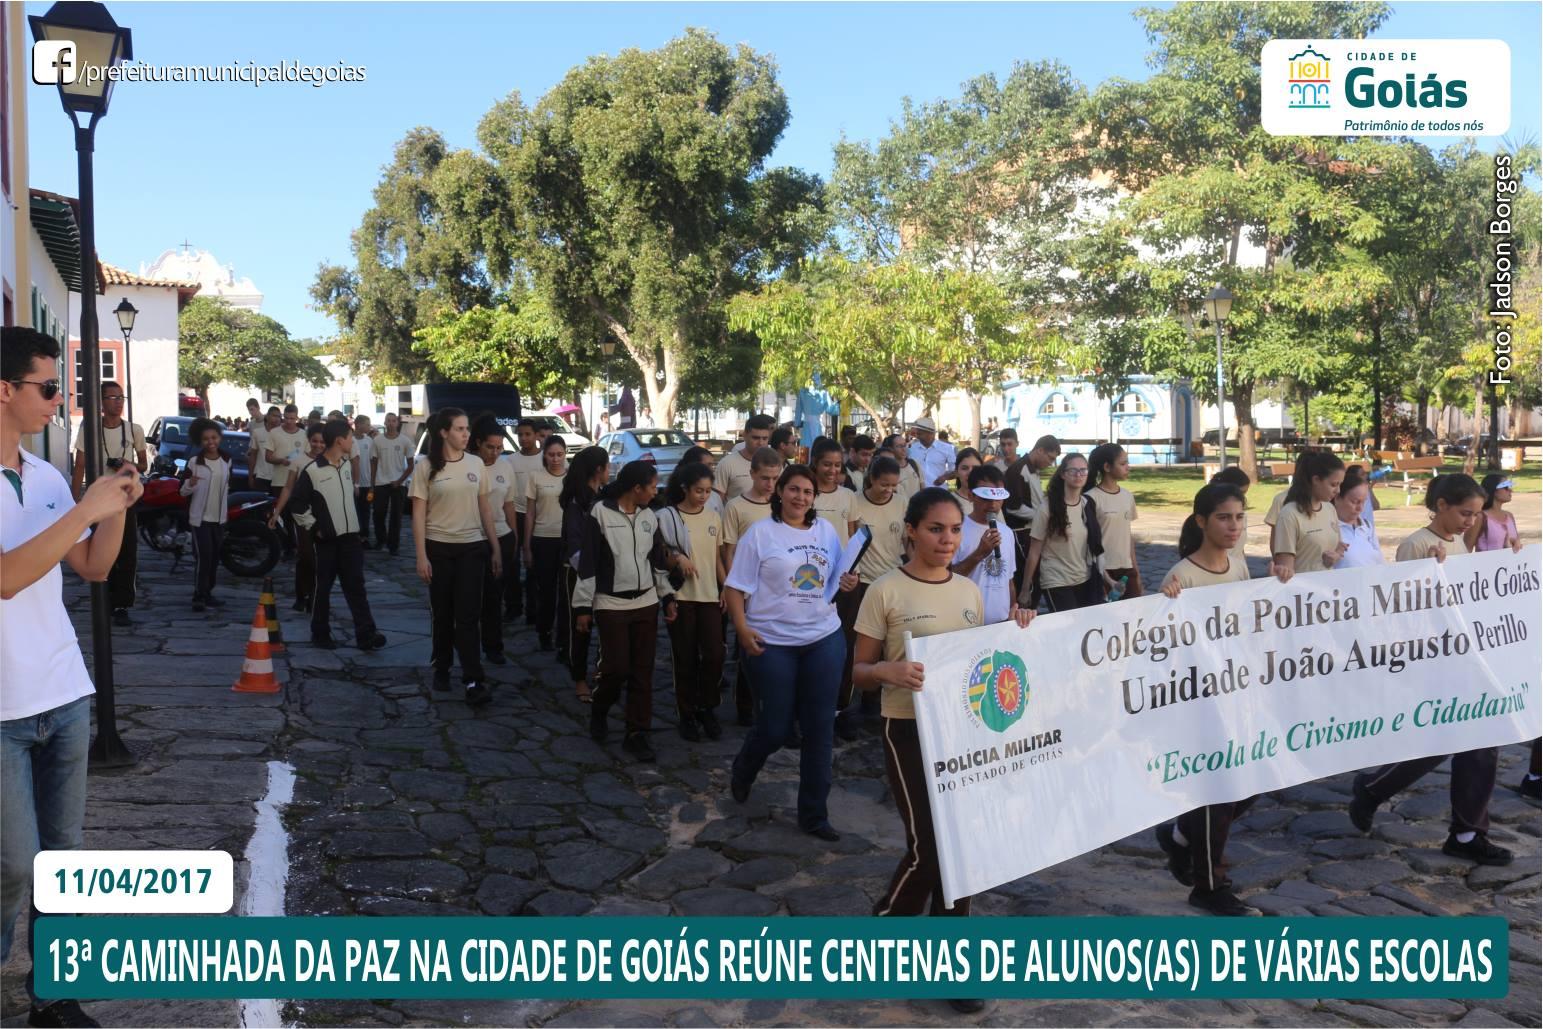 caminhada da paz.jpg4